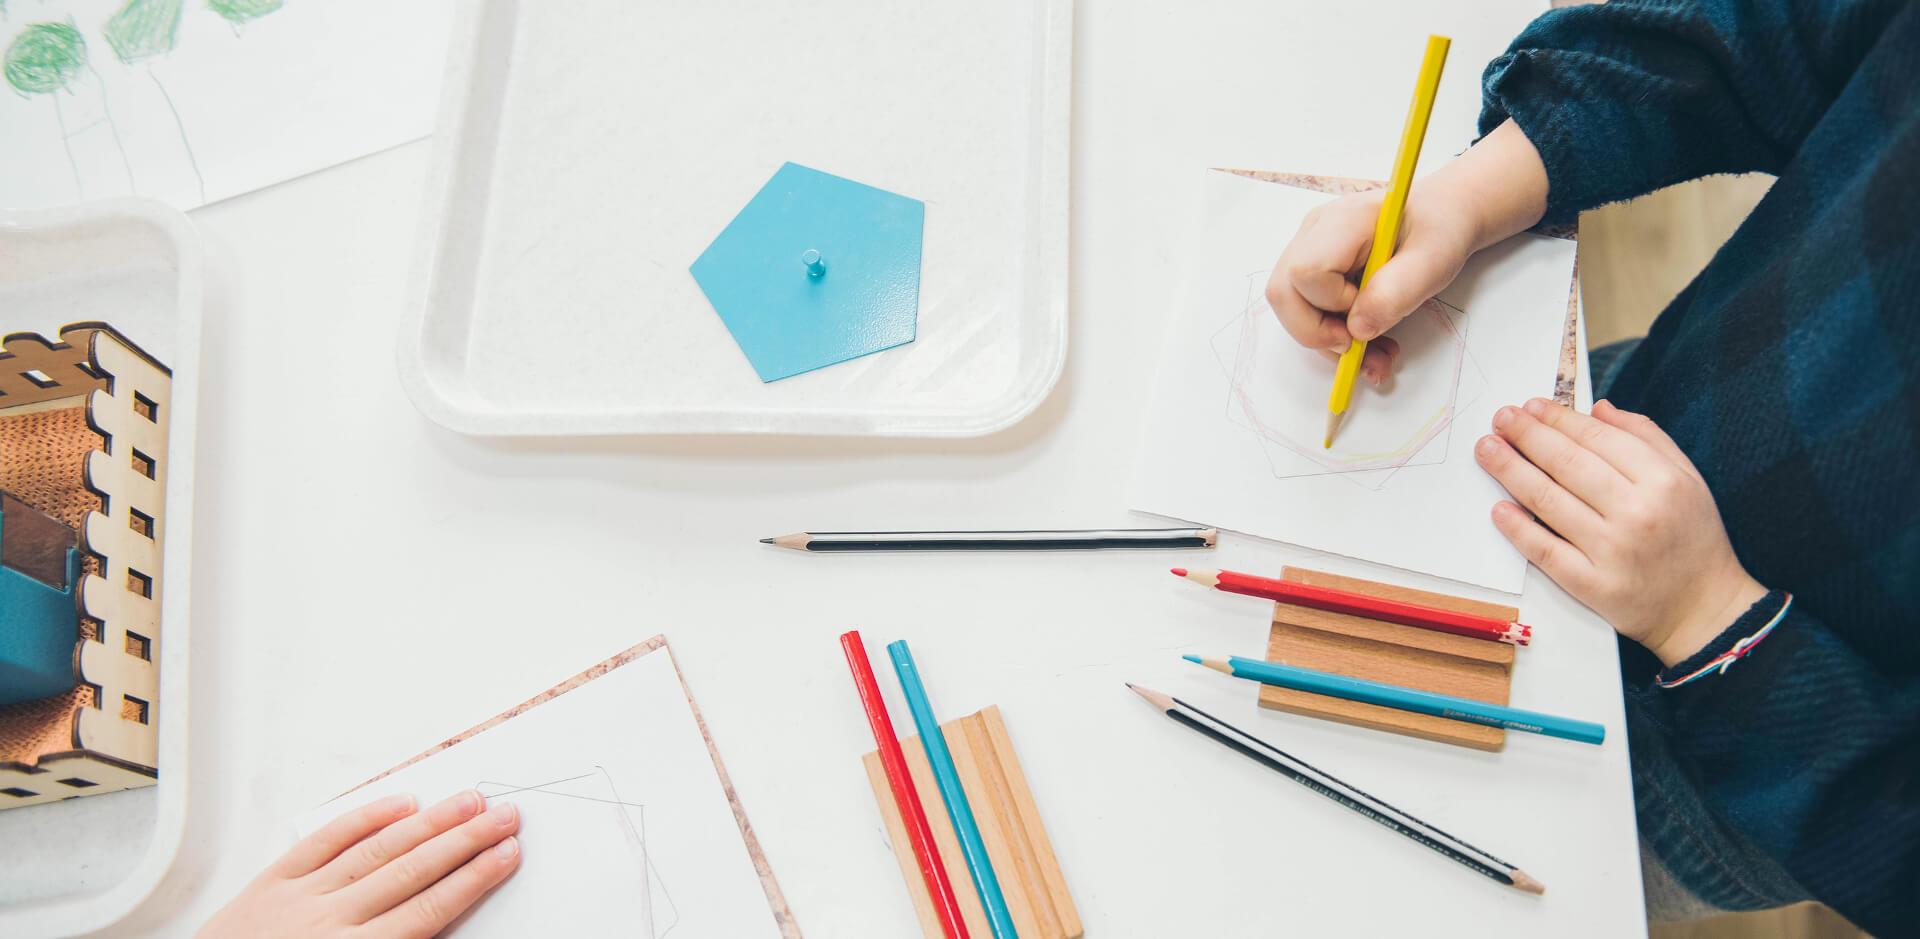 Erstellung von didaktischem Material für das Internet